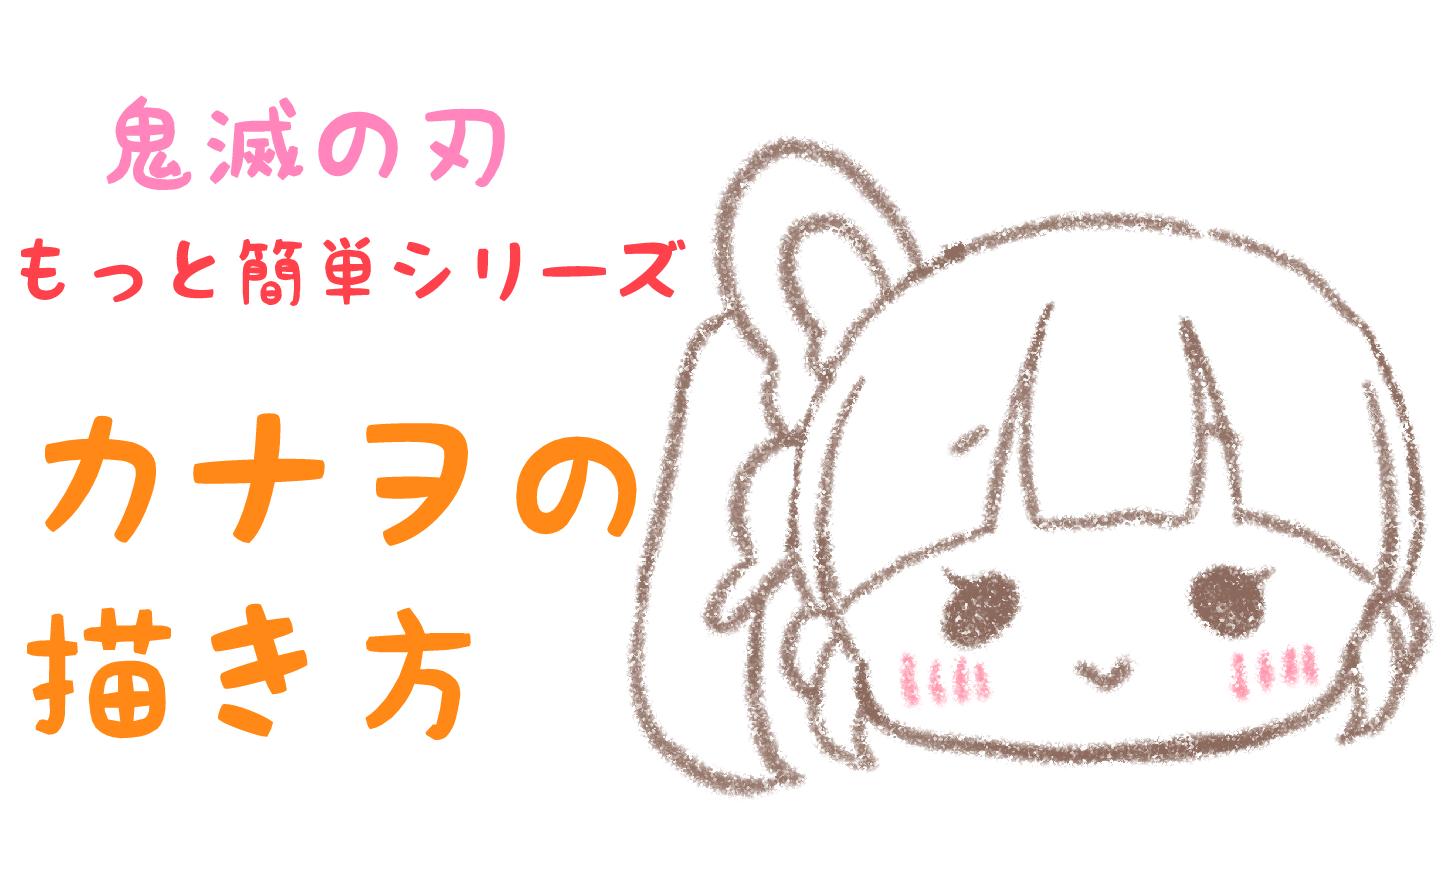 簡単 しのぶイラスト 【鬼滅の刃】胡蝶しのぶの書き方〈ミニキャラNO、1〉